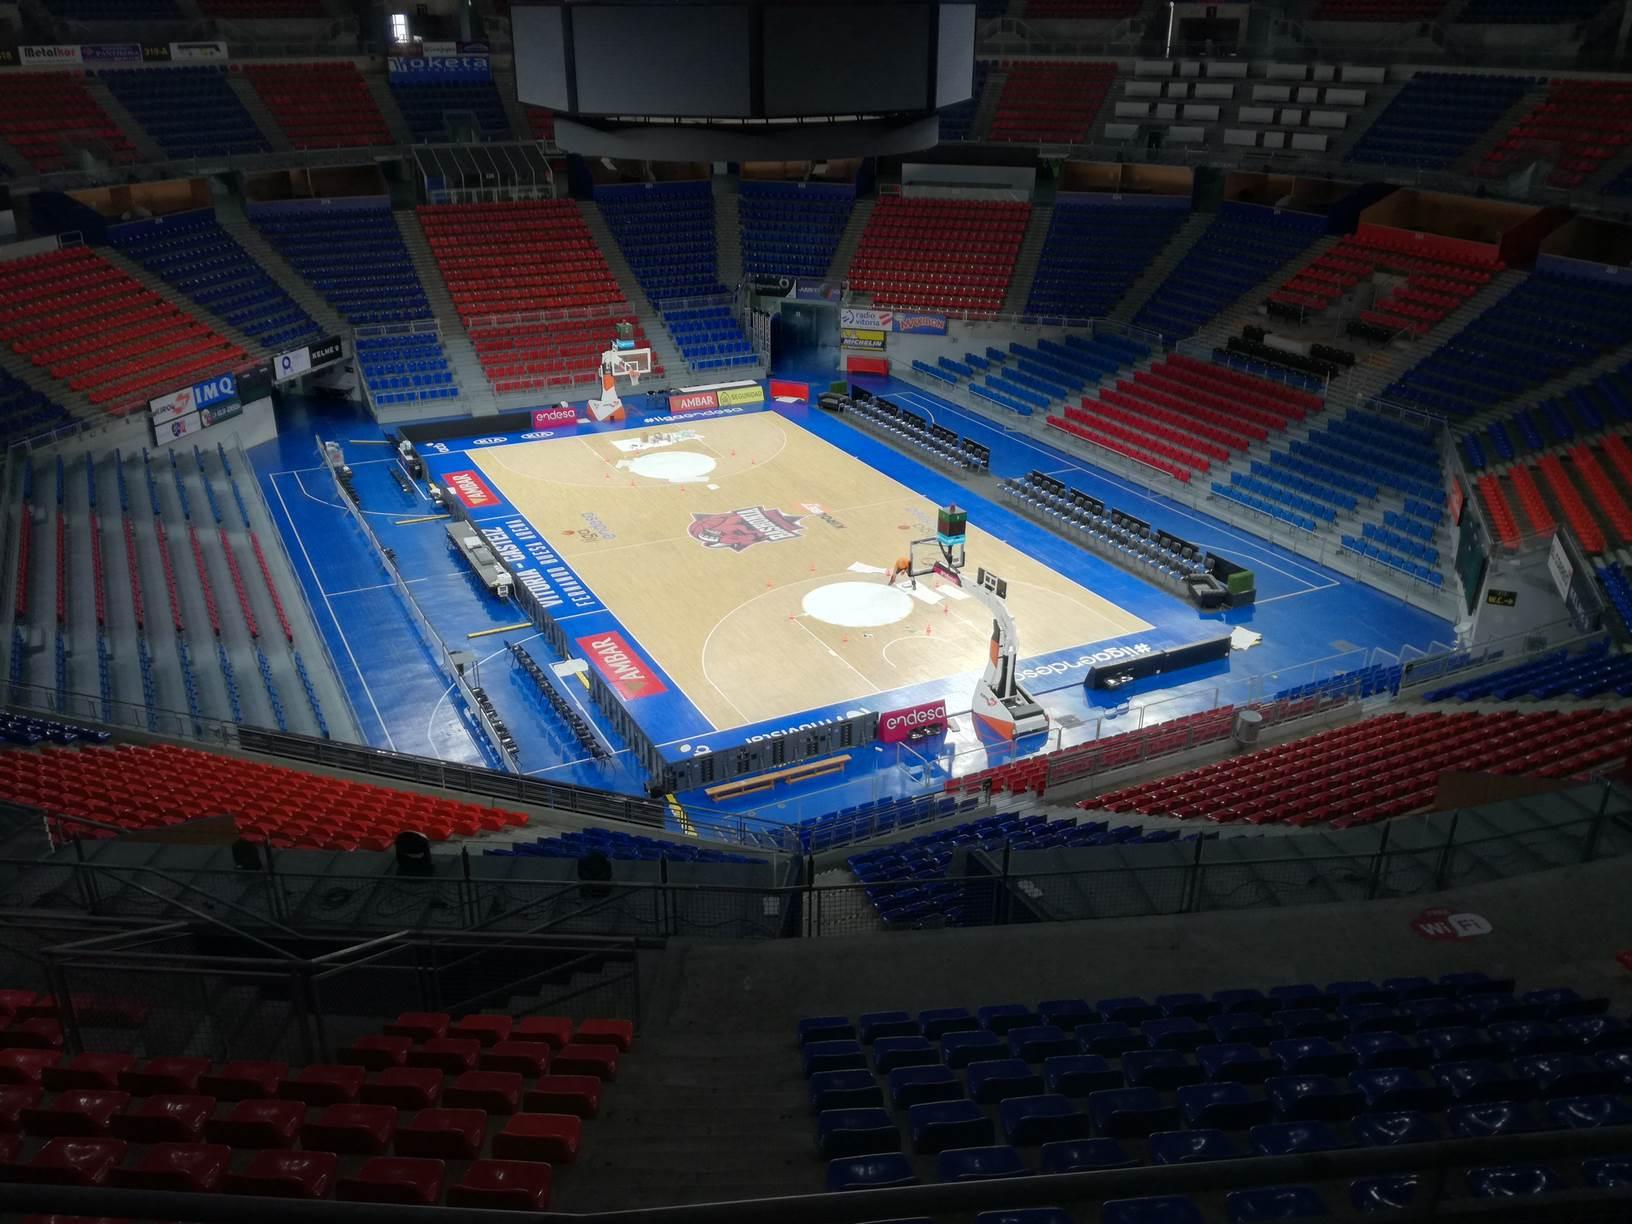 Pabellón Multiusos Fernando Buesa Arena (CD Baskonia), Vitoria